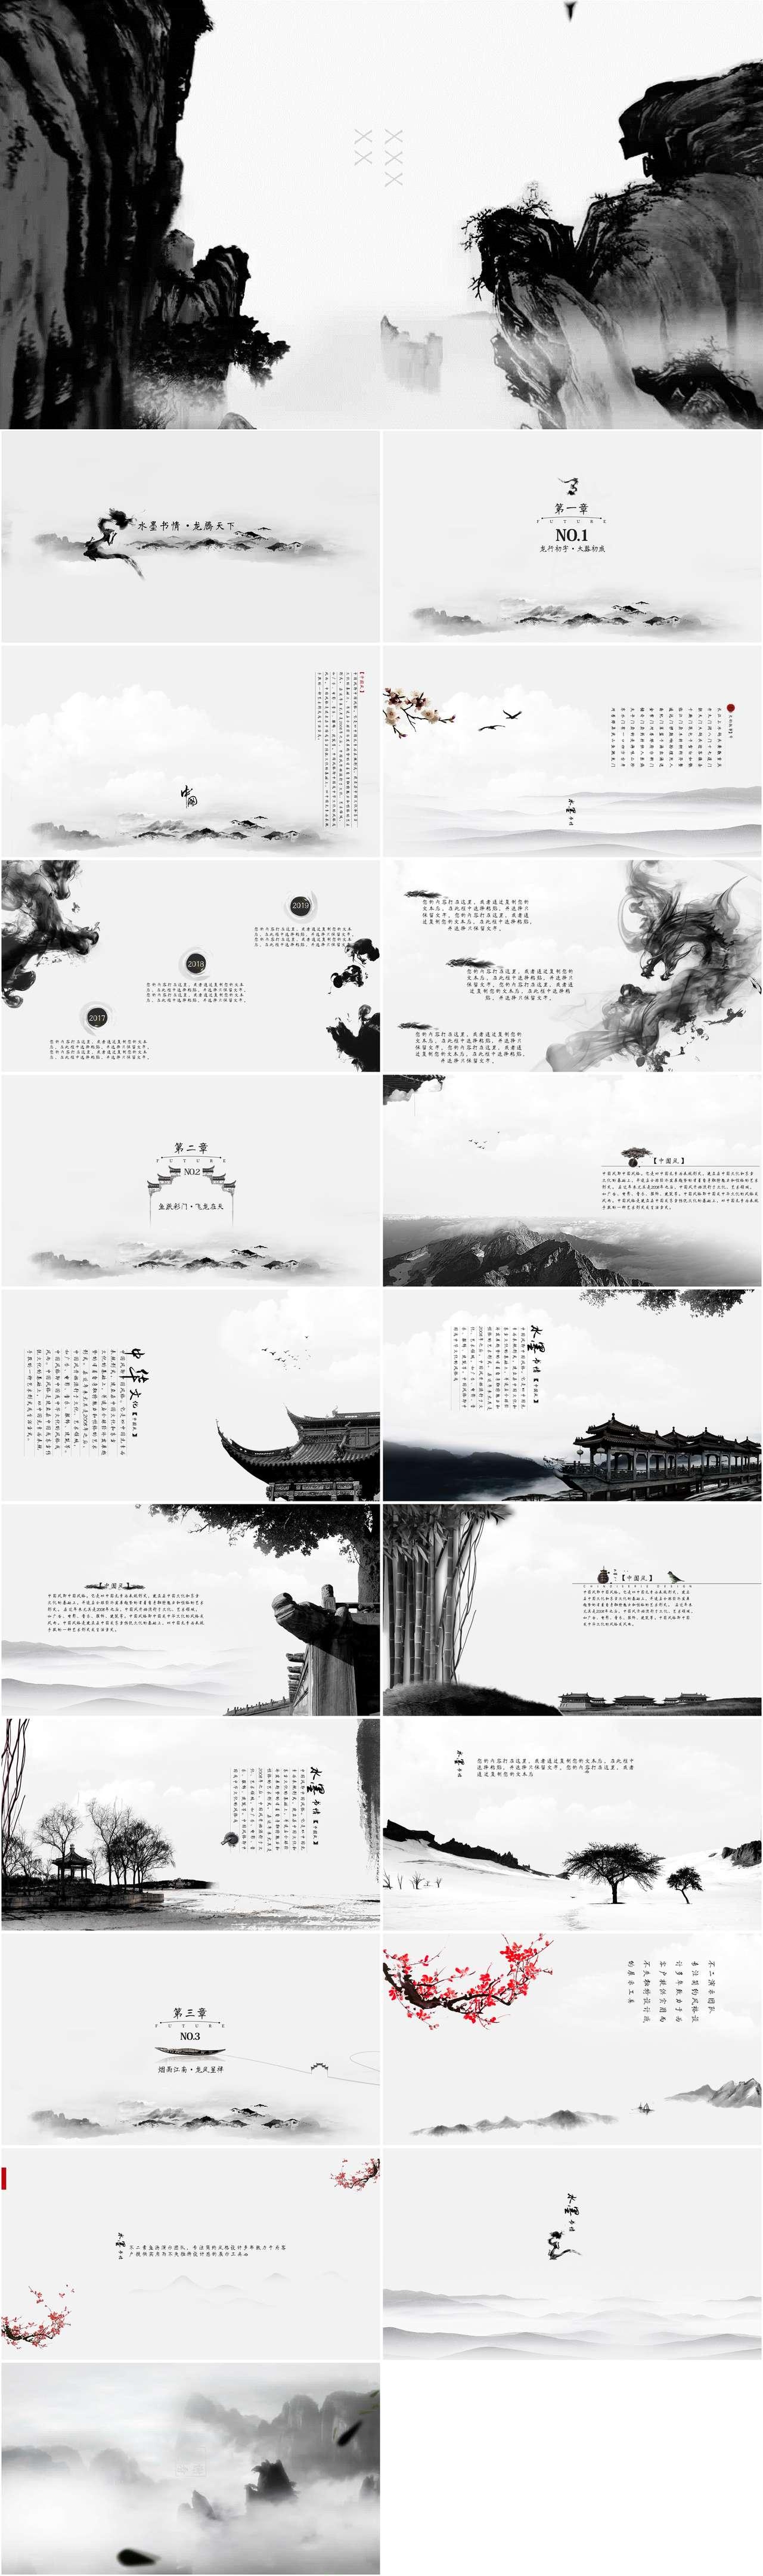 古典中国风文学教育PPT模板插图1